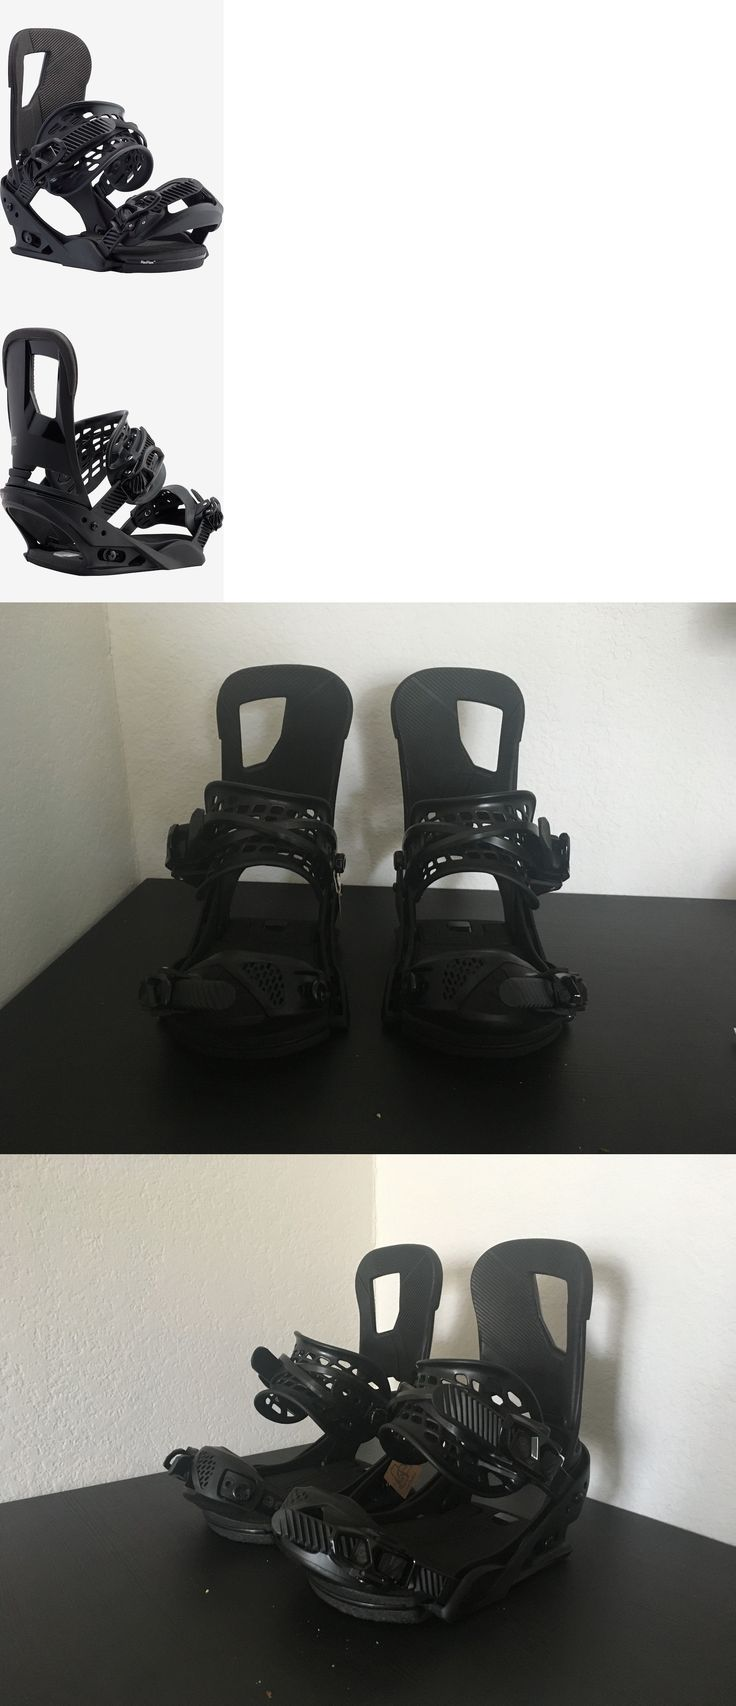 Bindings 21248: 2017 Burton Cartel Re:Flex Snowboard Bindings , Small, Black -> BUY IT NOW ONLY: $165 on eBay!